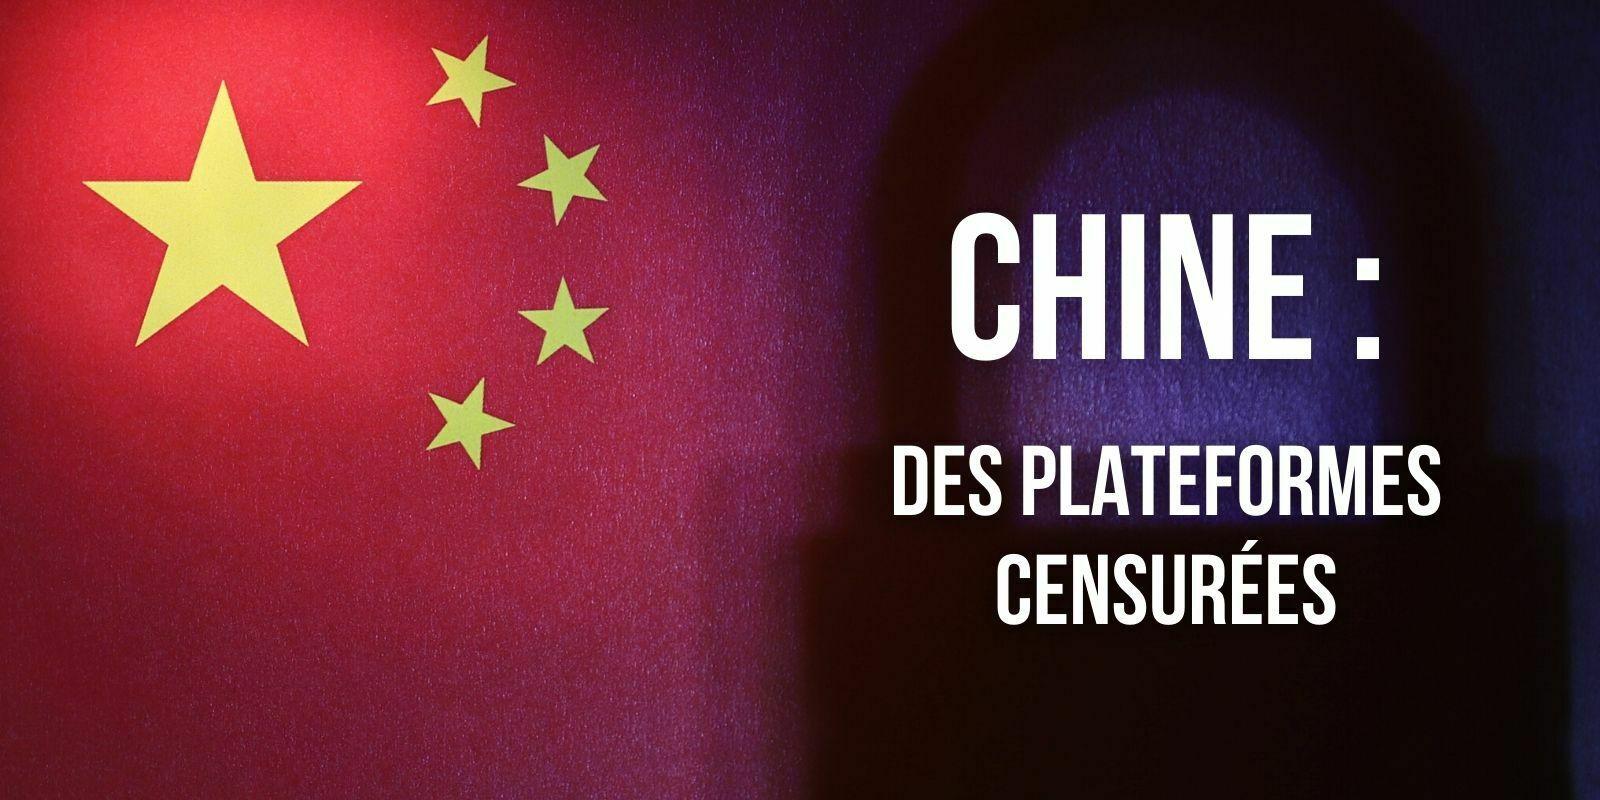 Les moteurs de recherche chinois bloquent les mots-clés relatifs à Binance, Huobi et OKEx